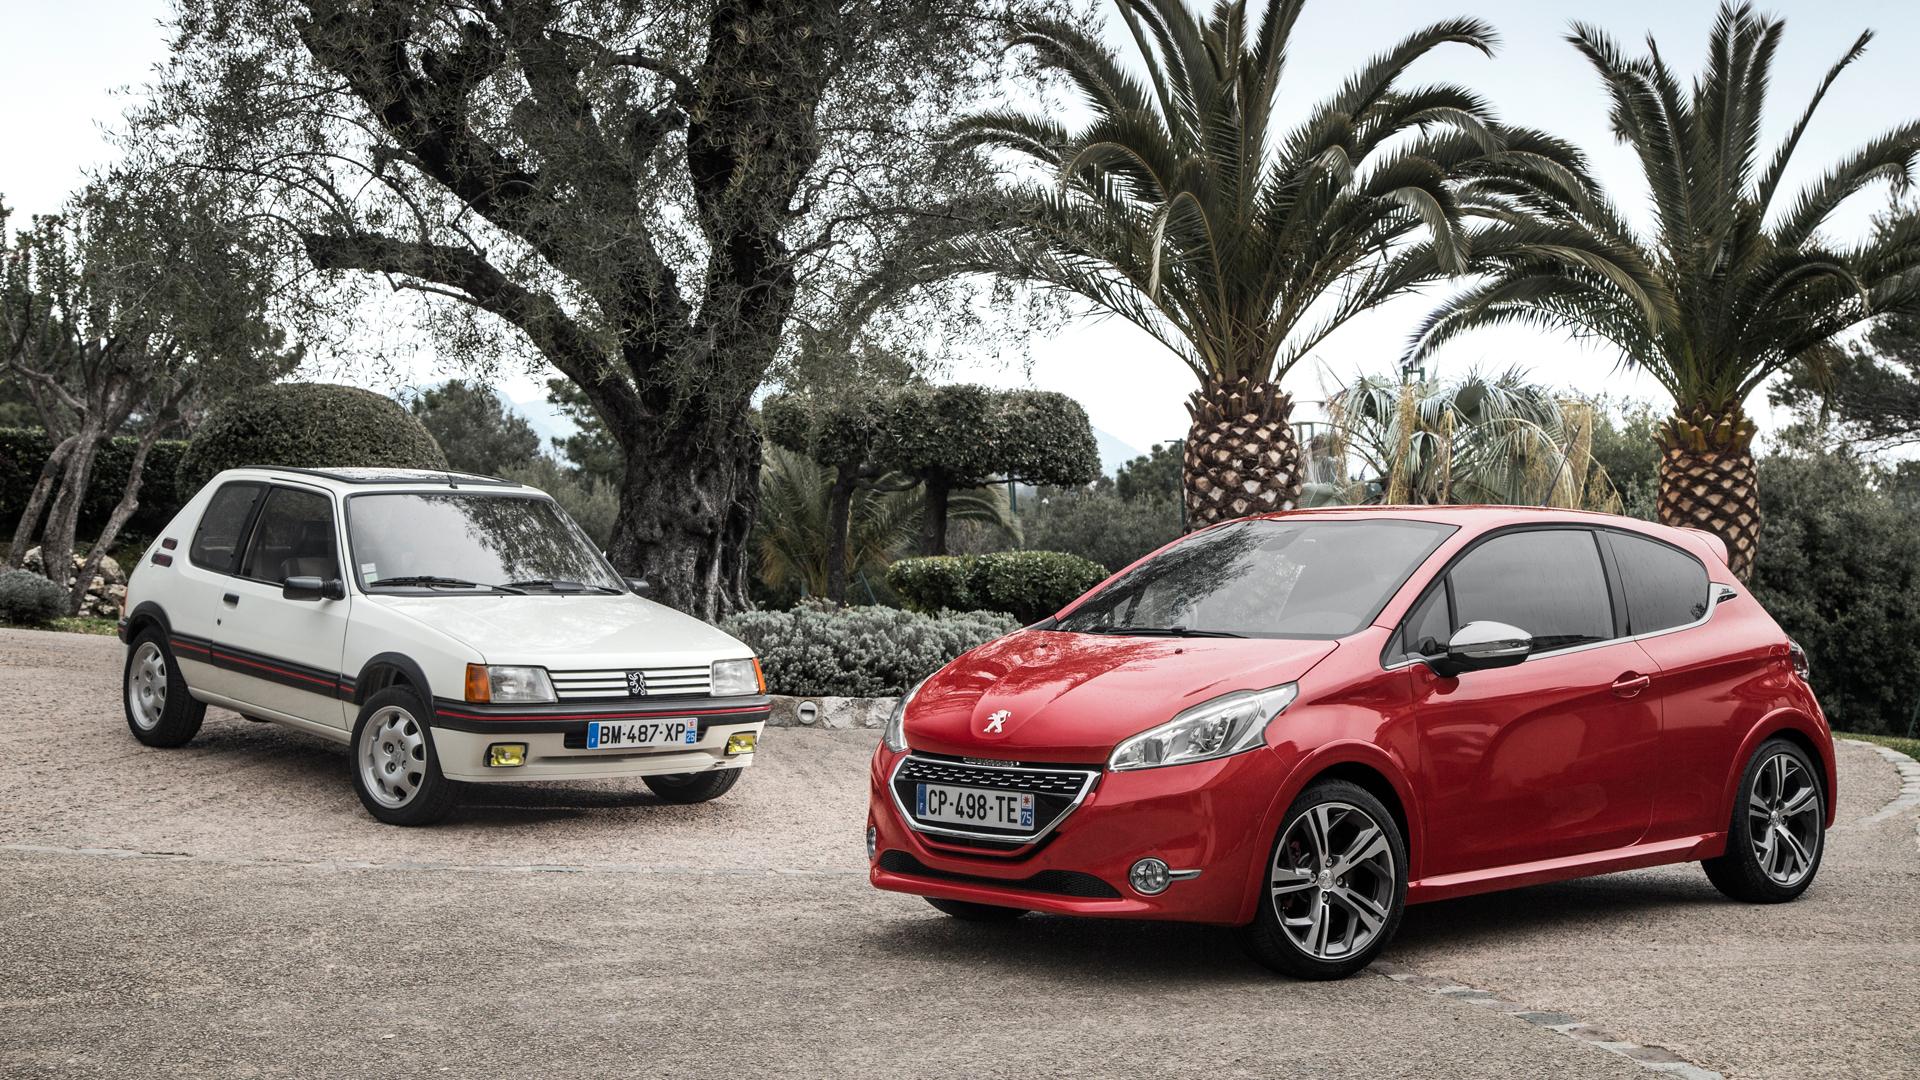 Essai Peugeot 208 GTi : la féline polyvalente